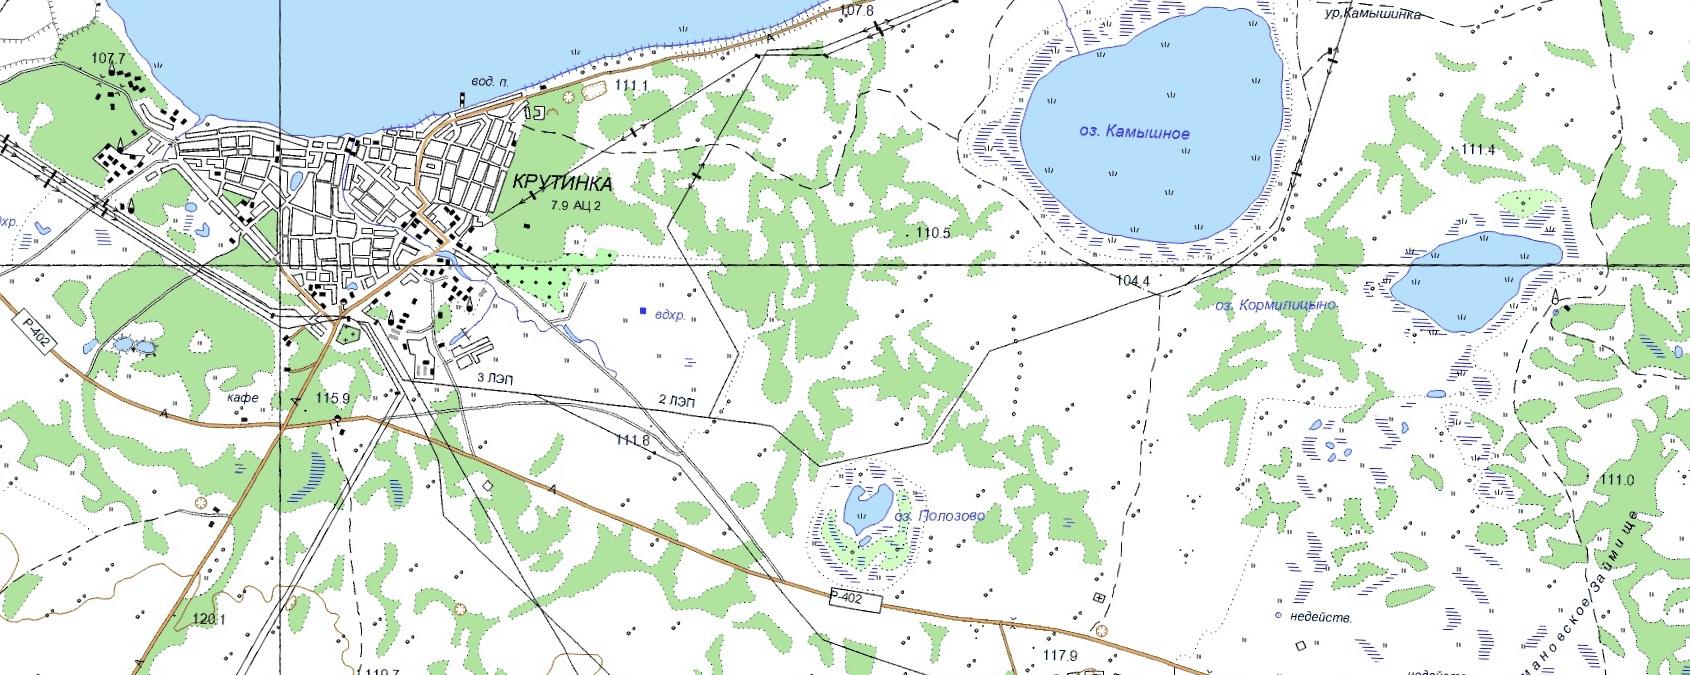 Топо карта для Garmin